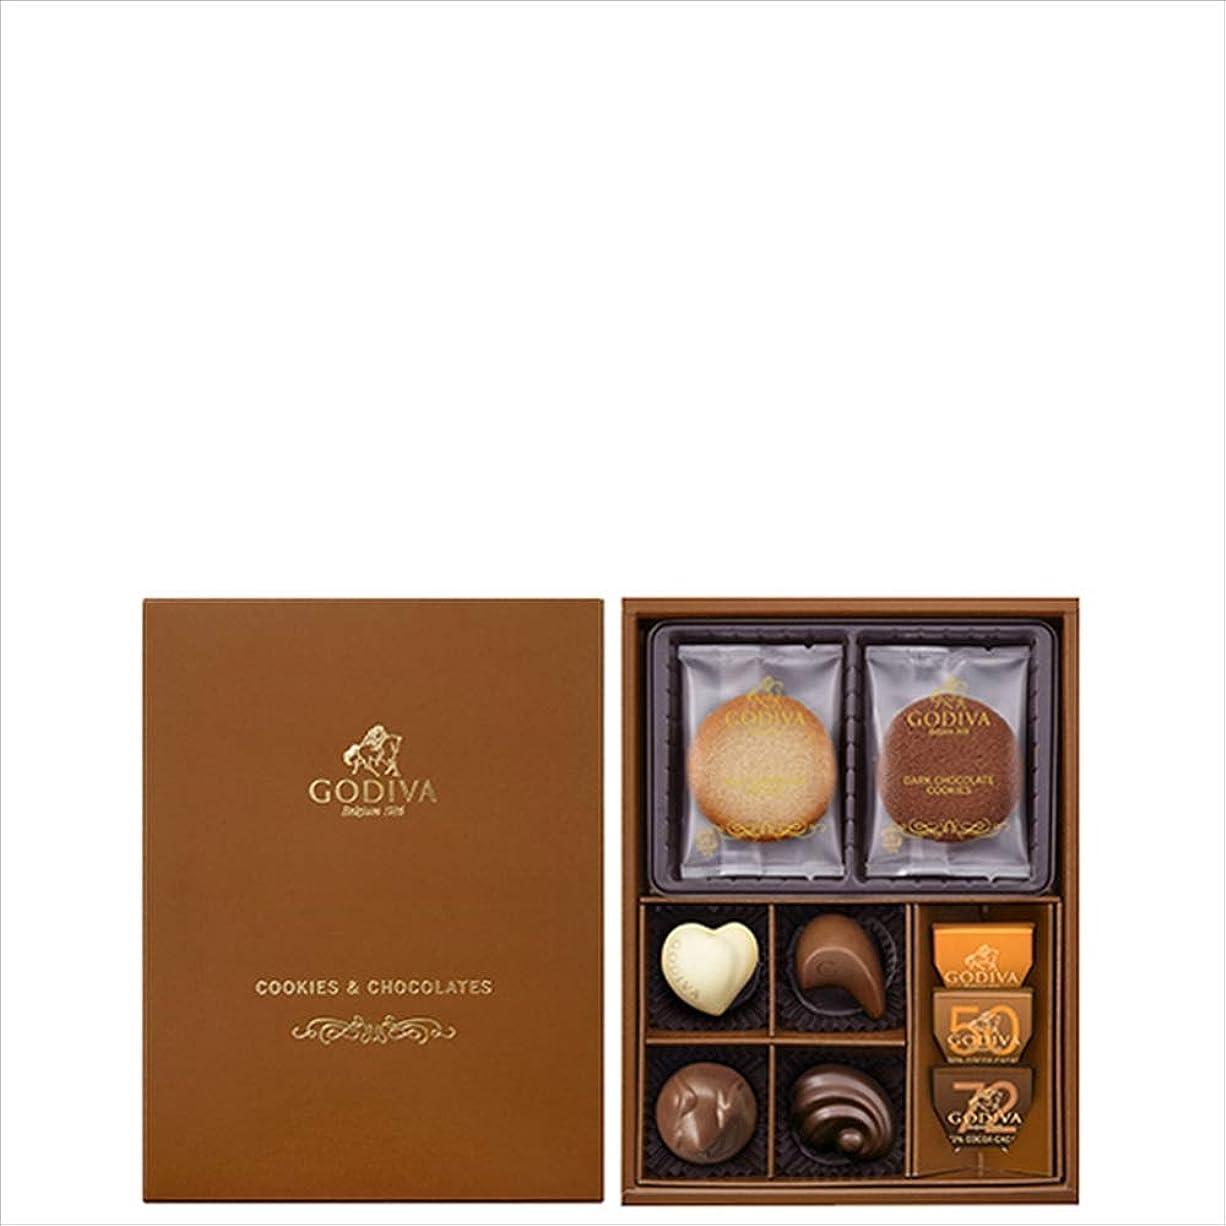 隠す無許可移動ゴディバ (GODIVA) クッキー&チョコレート アソートメント 4枚+7粒